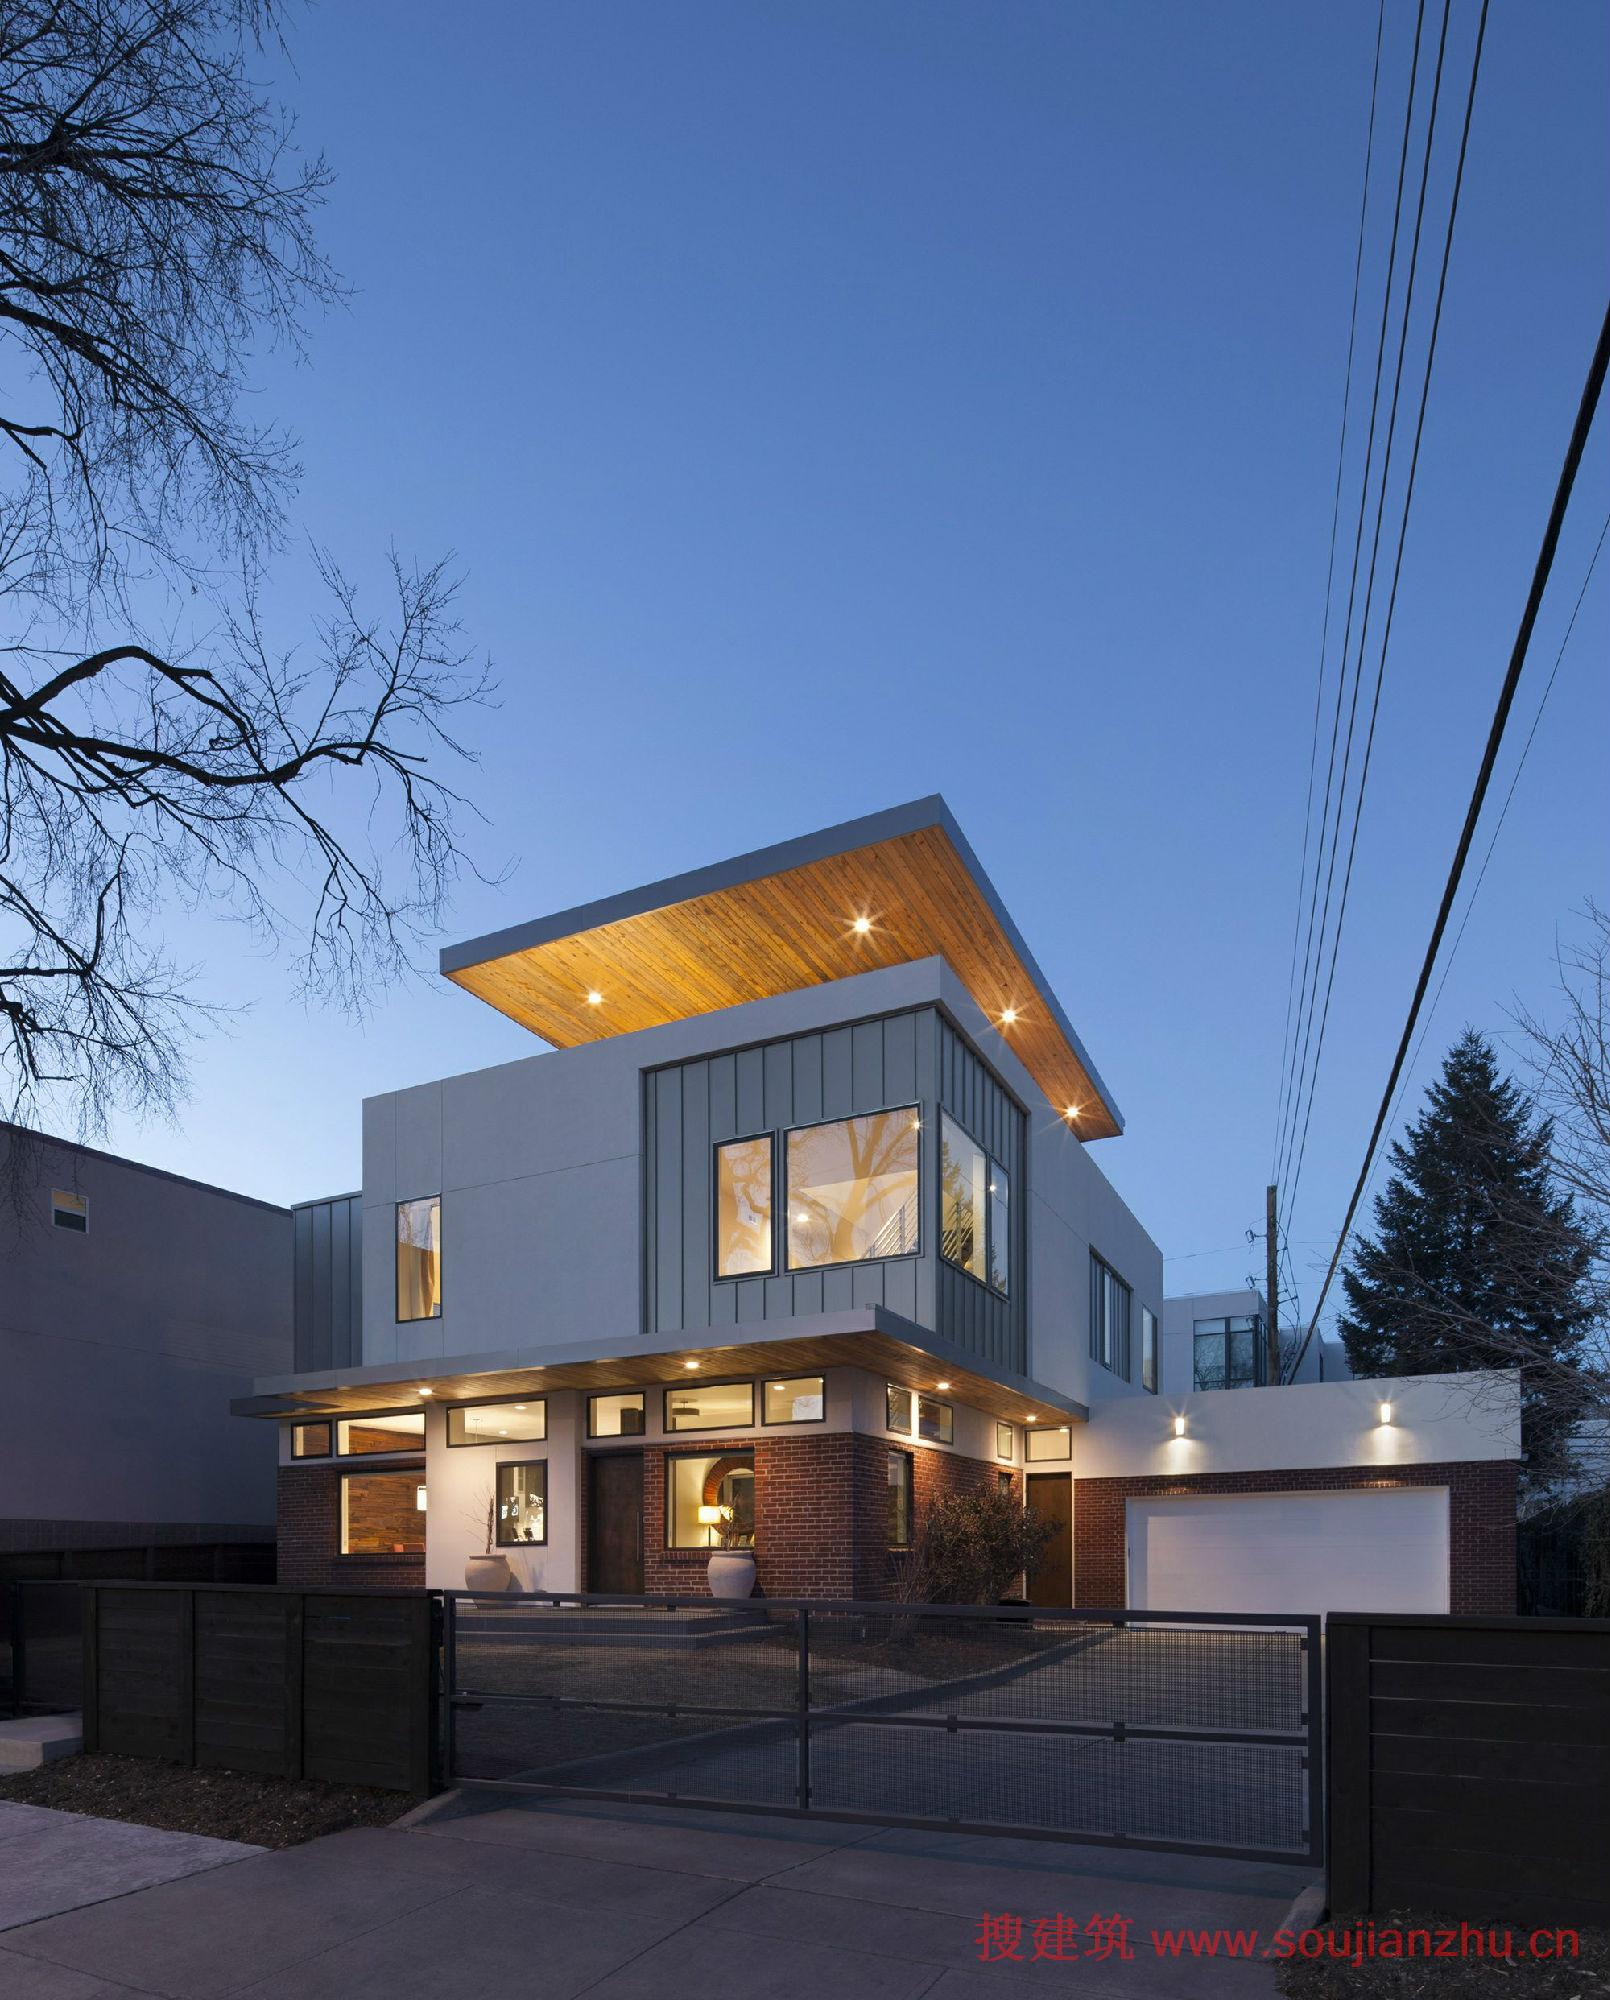 建筑师:Meridian 105 Architecture 地点:美国 面积:3300平方英尺 该项目位于丹佛的高地附近,这是一个创新的住宅,除了现有的1940年的平房。原来的结构,具有坚实的混凝土基础和砖表层,也就是说原来有很好的基础,并有机会节省成本在开挖和这些组件的娱乐。设计团队的解决办法是去除屋顶并向上添加,在原有的屋顶上接着建造。 所有的,3间卧室加至第二层,屋顶甲板和办公室在第三层。在第一个层,住宅的后墙被拆除并更换成玻璃,使室内直接开向后院。二楼在后面有一个悬挑的私人露台,且带有双